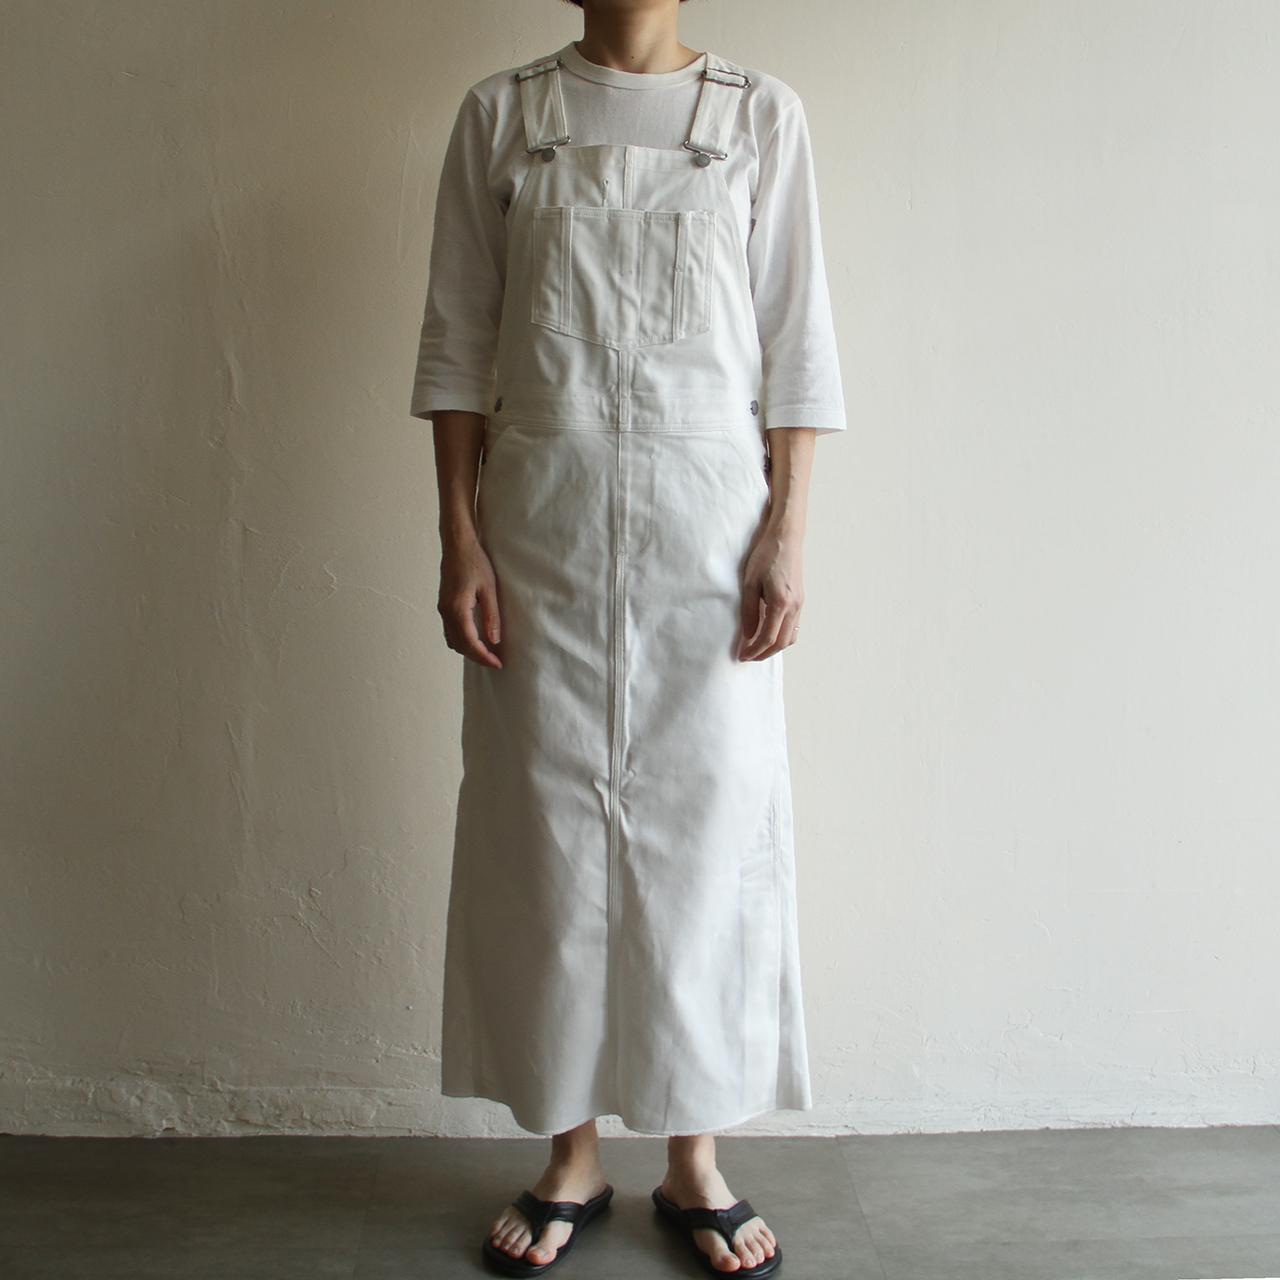 UNION LAUNCH 【 womens 】supima denim overall skirt